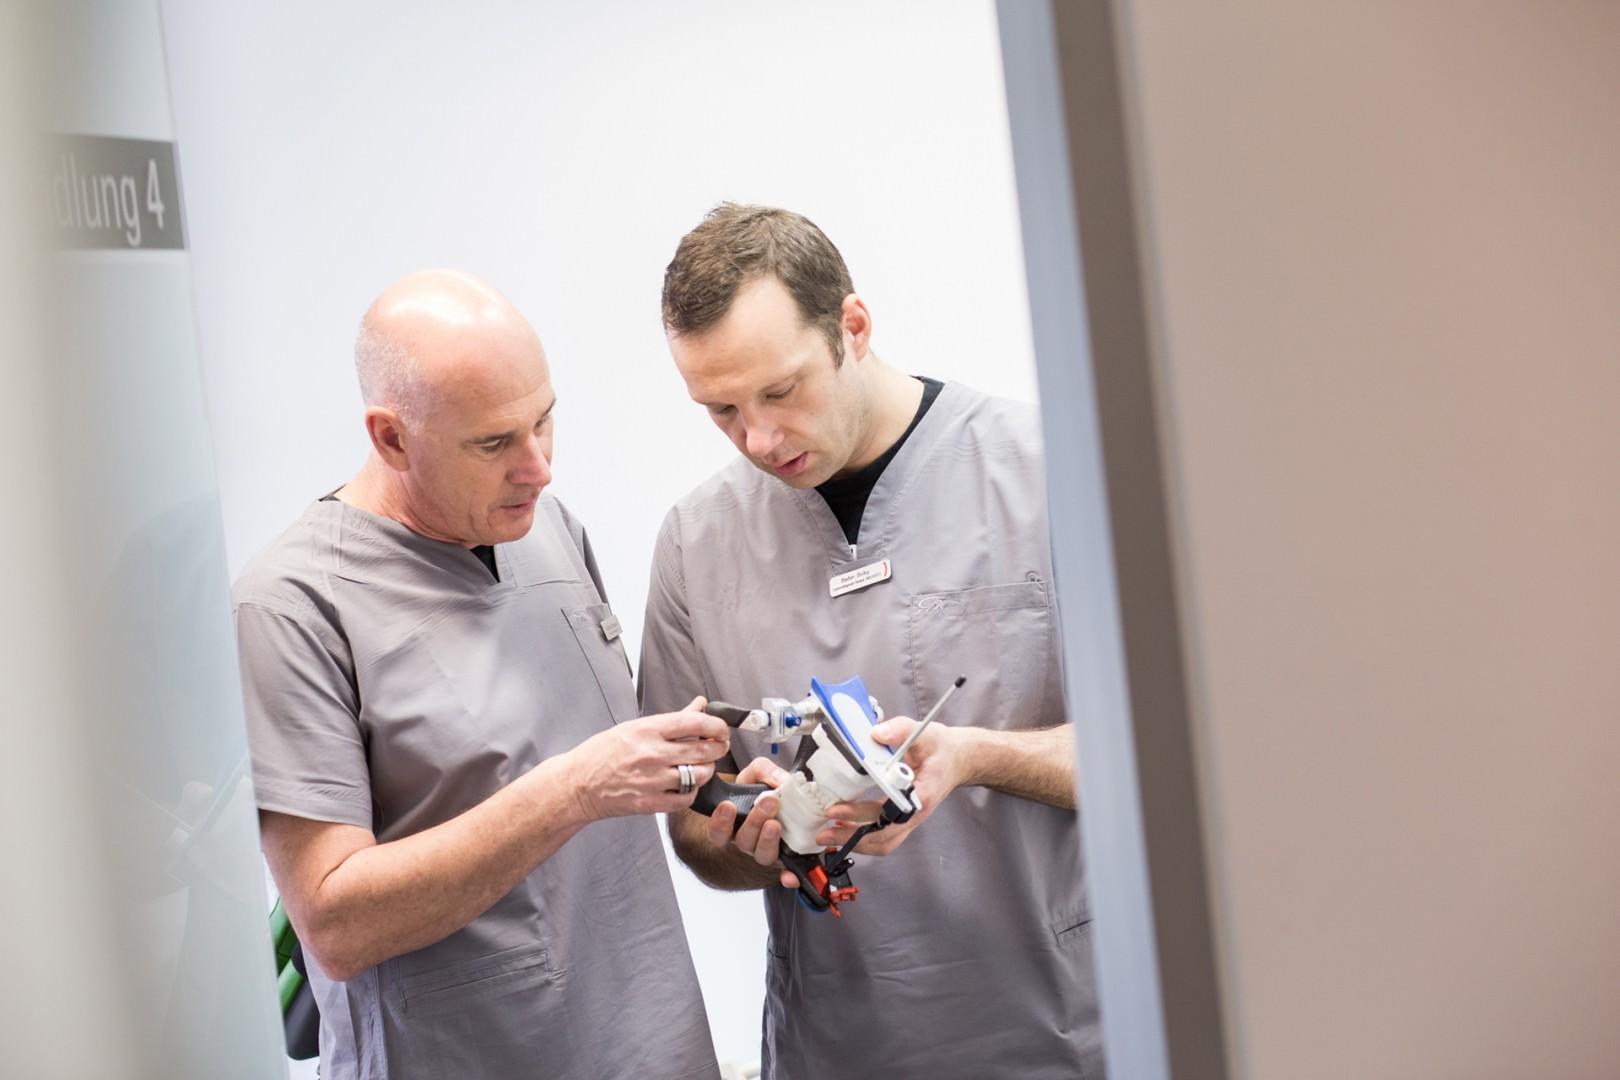 Dr. Martin Schneider und Stefan Bolky im Gespräch über ein Kiefermodell